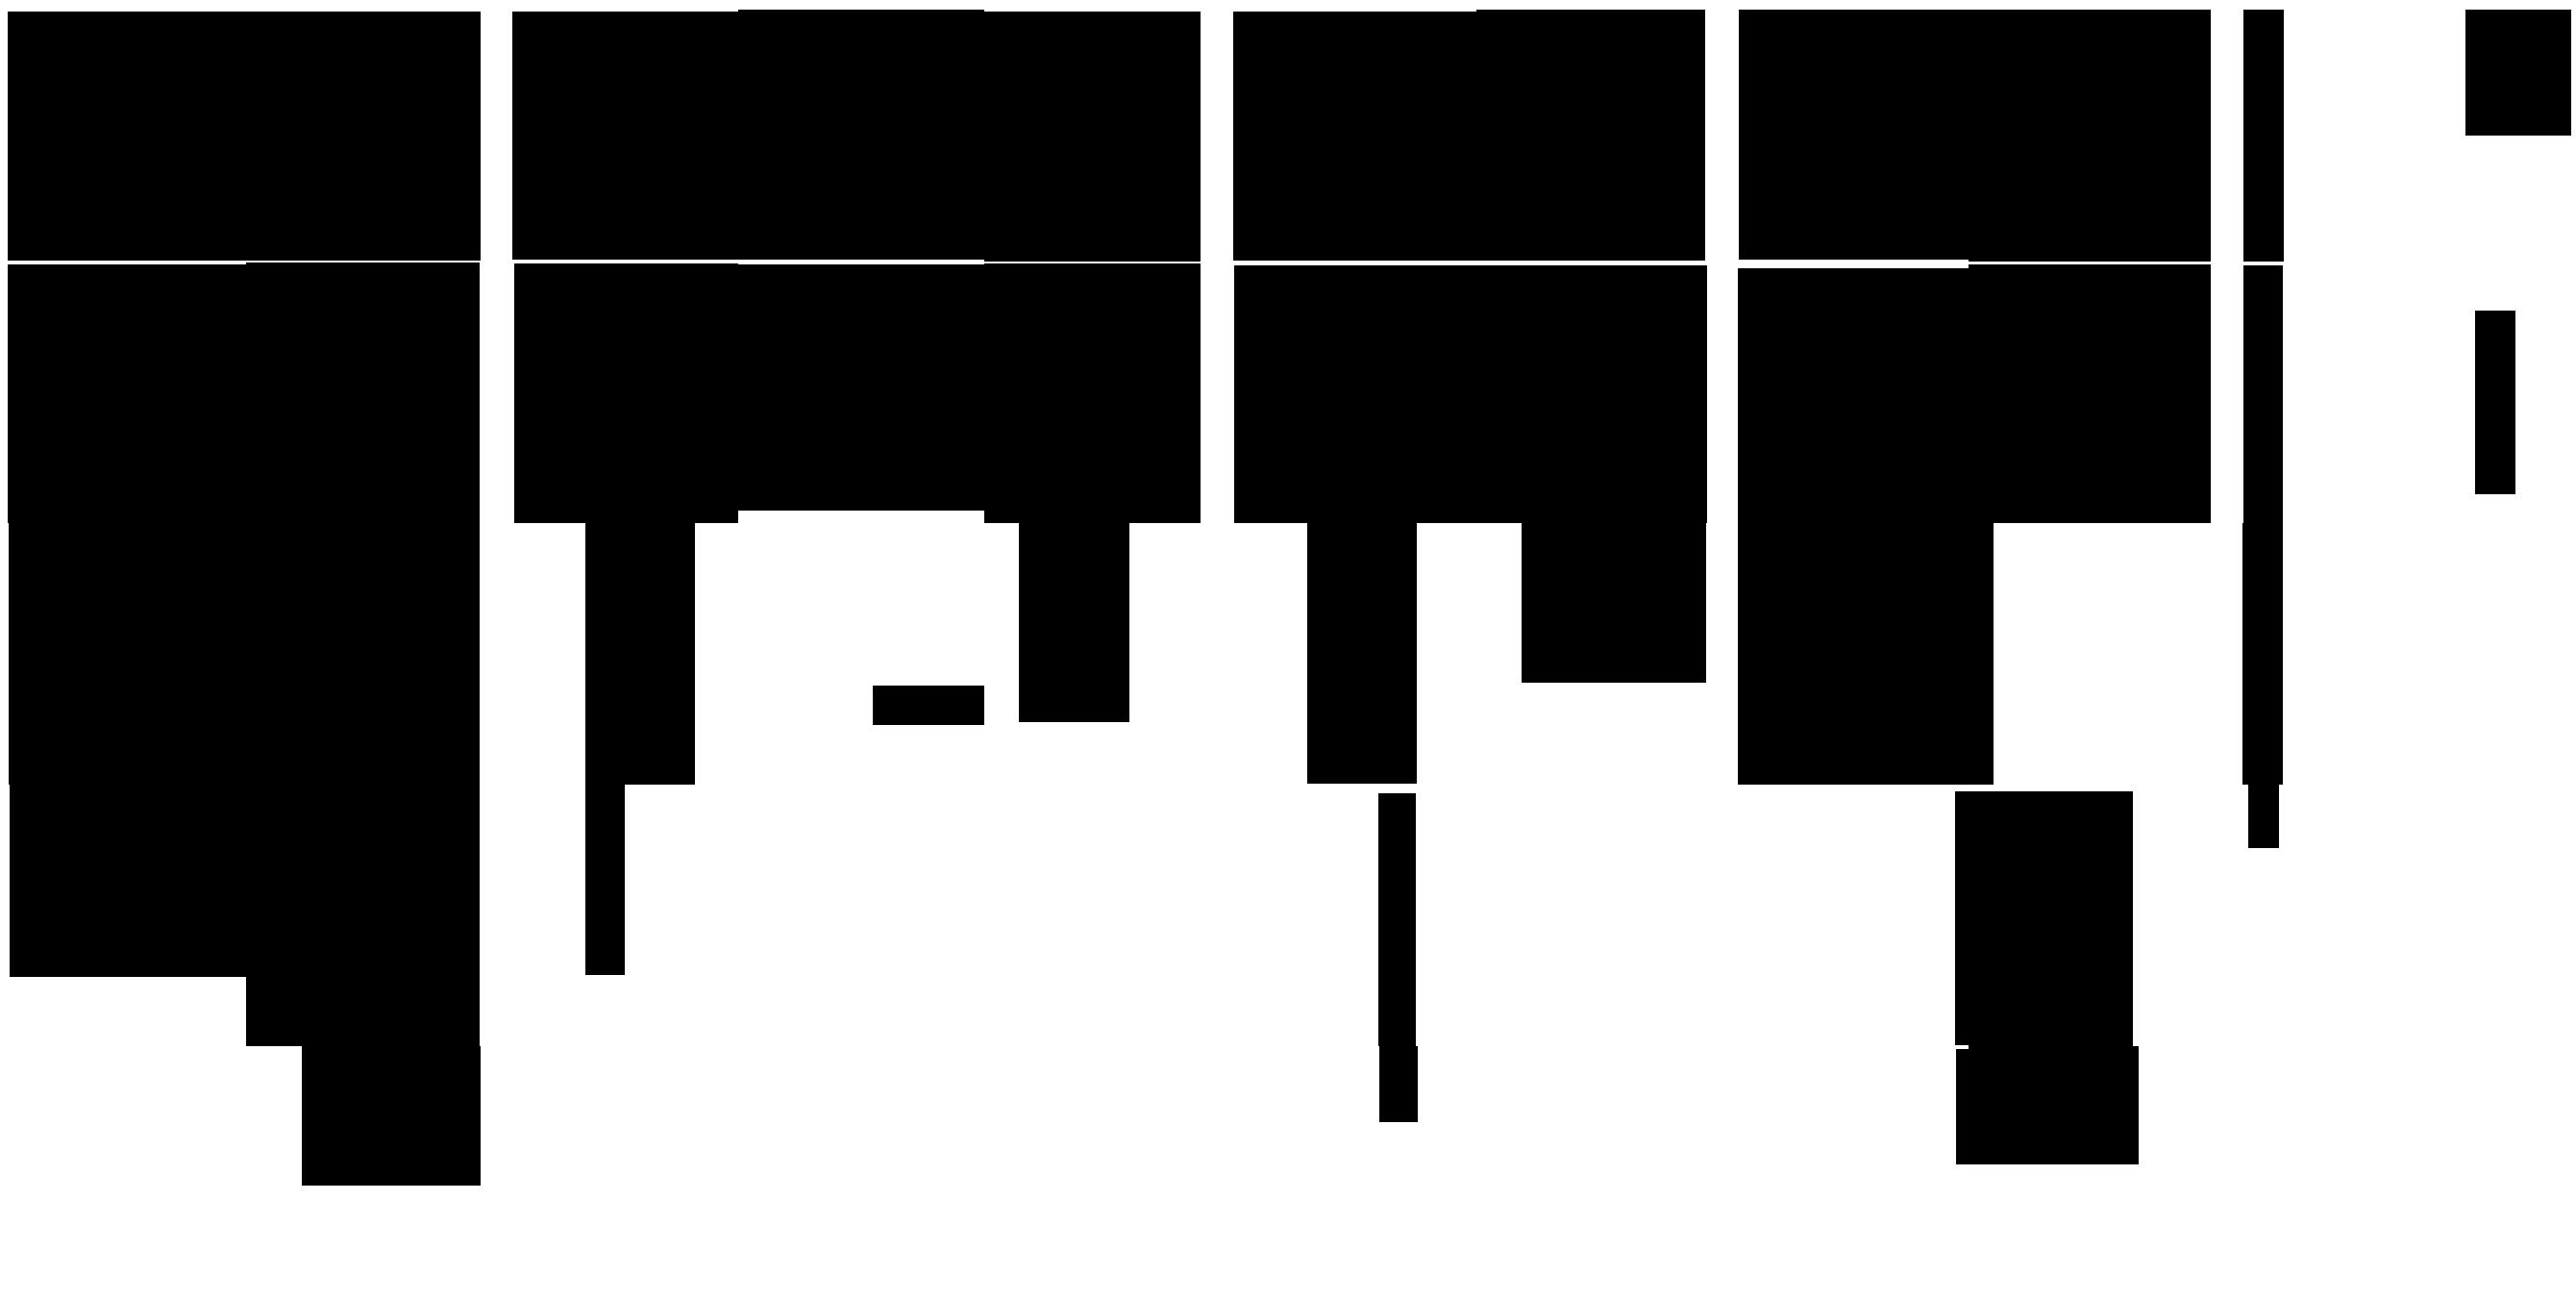 【6月26日掲載】詩客自由詩_亜久津歩縦書き用ルビ-1